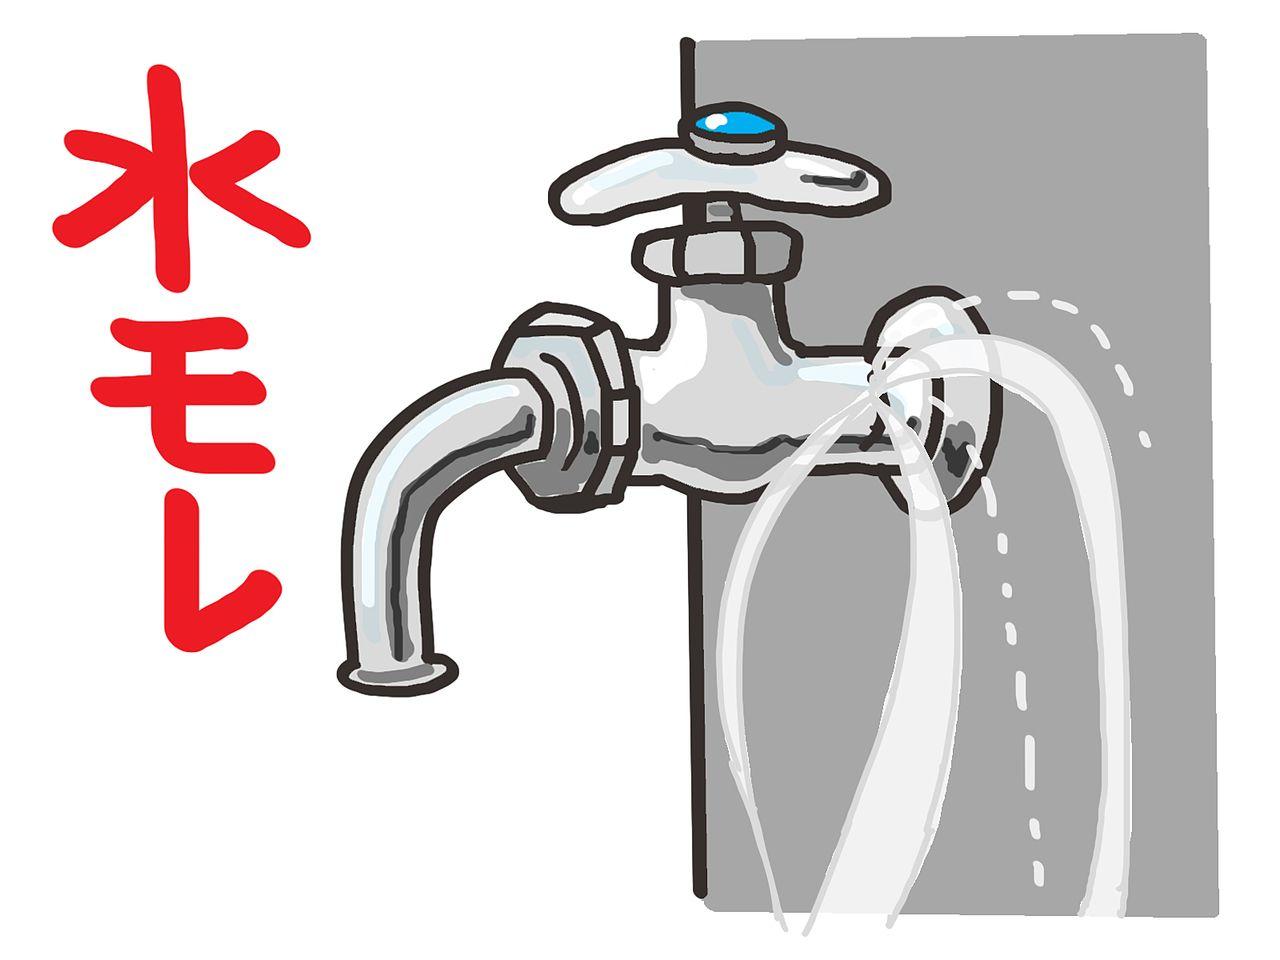 水漏れでヤバいと感じたら、まずは止水栓や元栓を閉めよう!